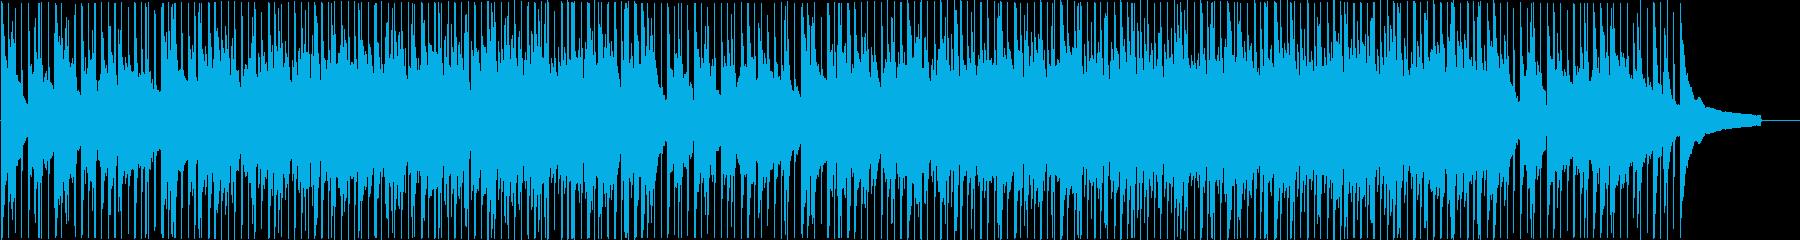 アコースティック系落ち着いたオープニングの再生済みの波形